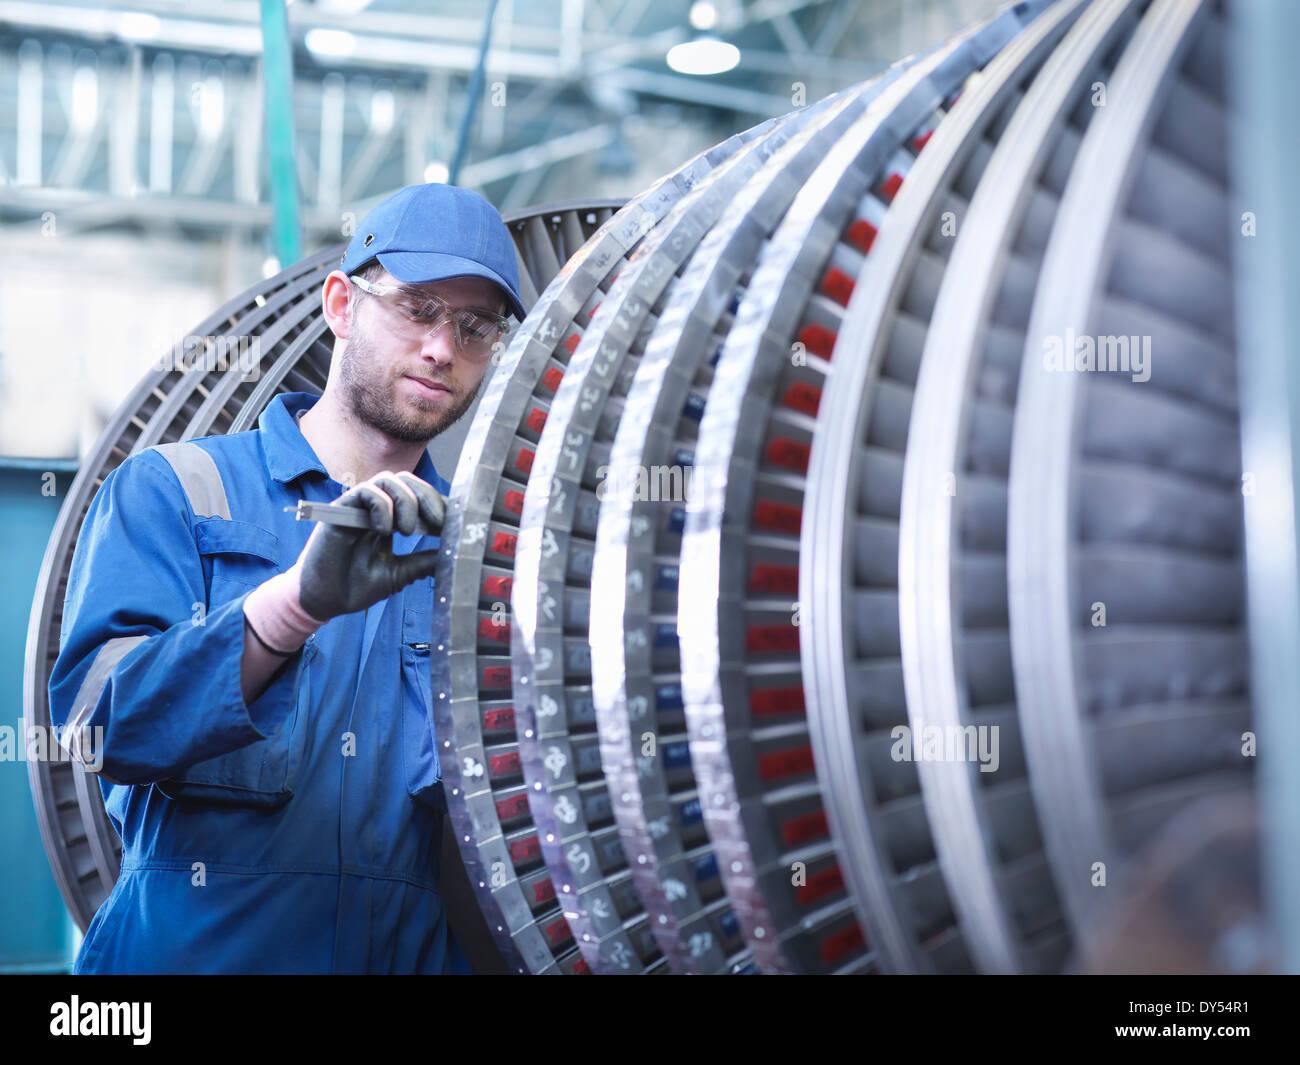 La vapeur à haute pression de mesure ingénieur pales de turbine en atelier Banque D'Images